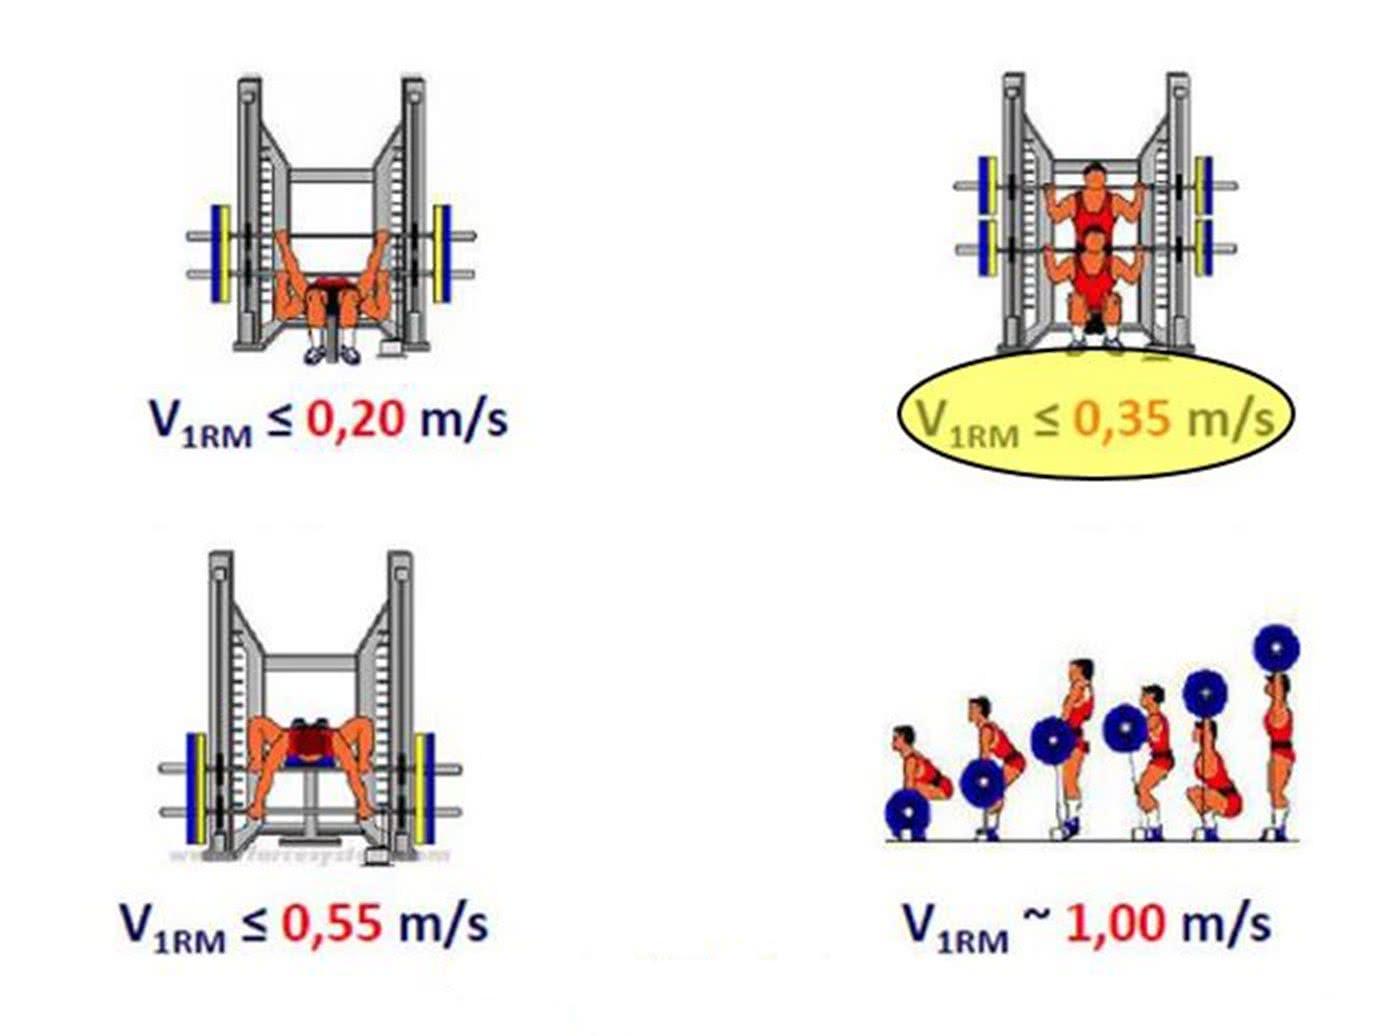 Grafik: Mean velocity (MV